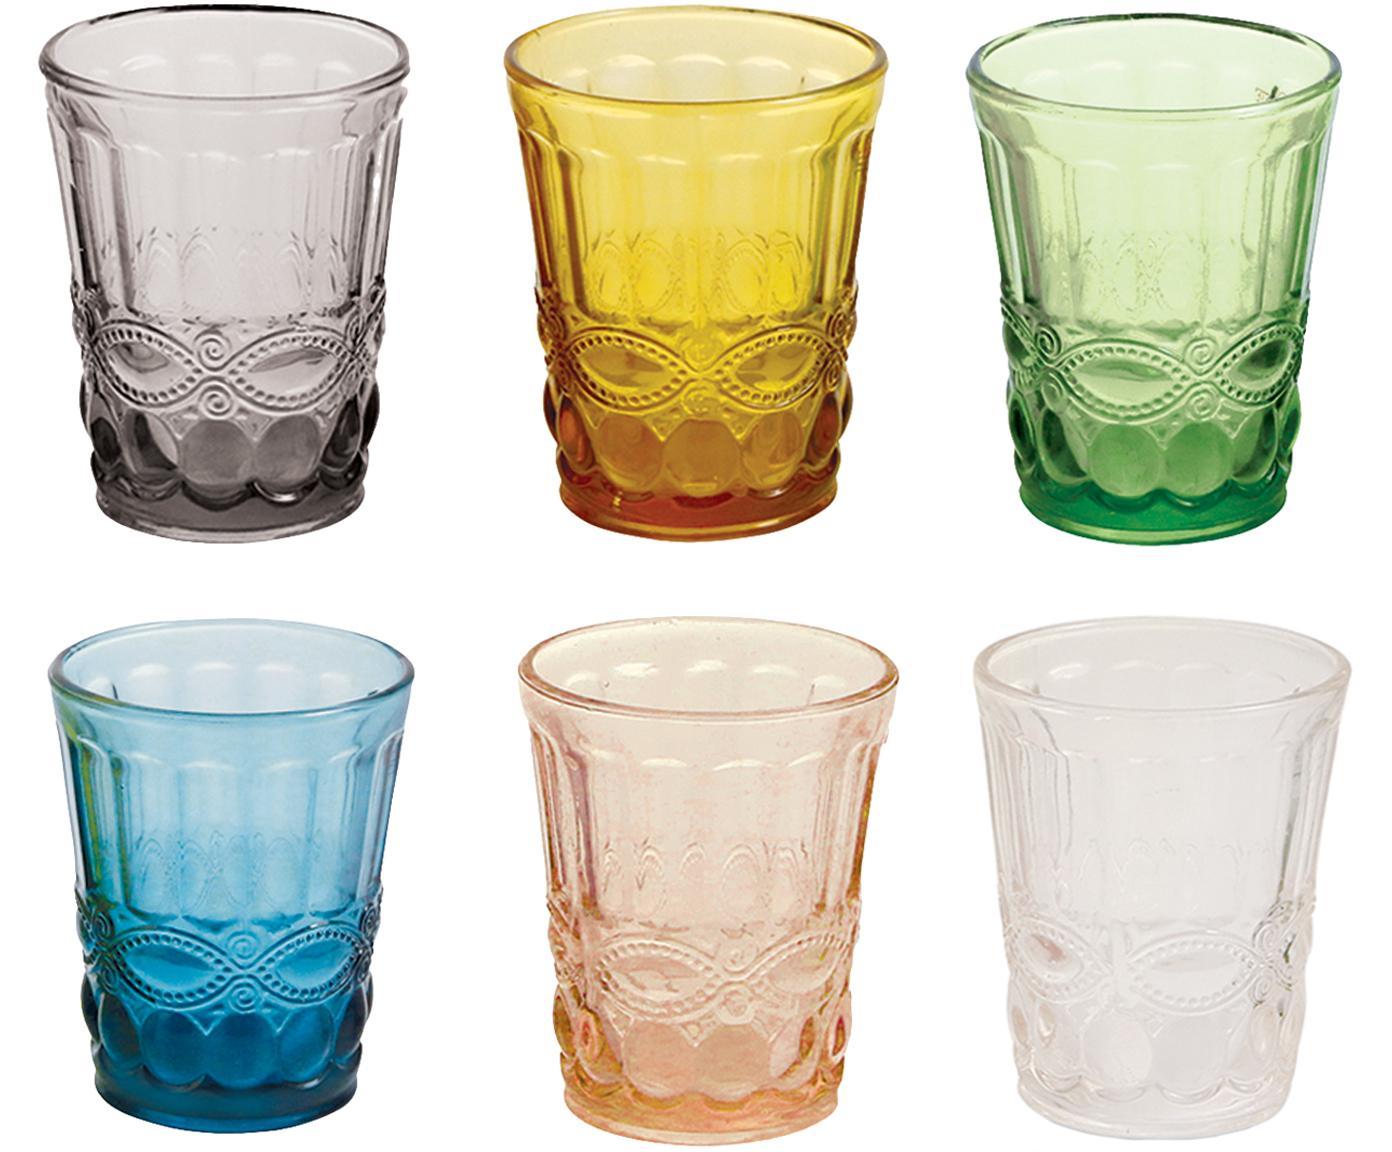 Wassergläser-Set Nobilis in Bunt mit dekorativem Reliefmuster, 6er-Set, Glas, Mehrfarbig, Ø 8 x H 10 cm